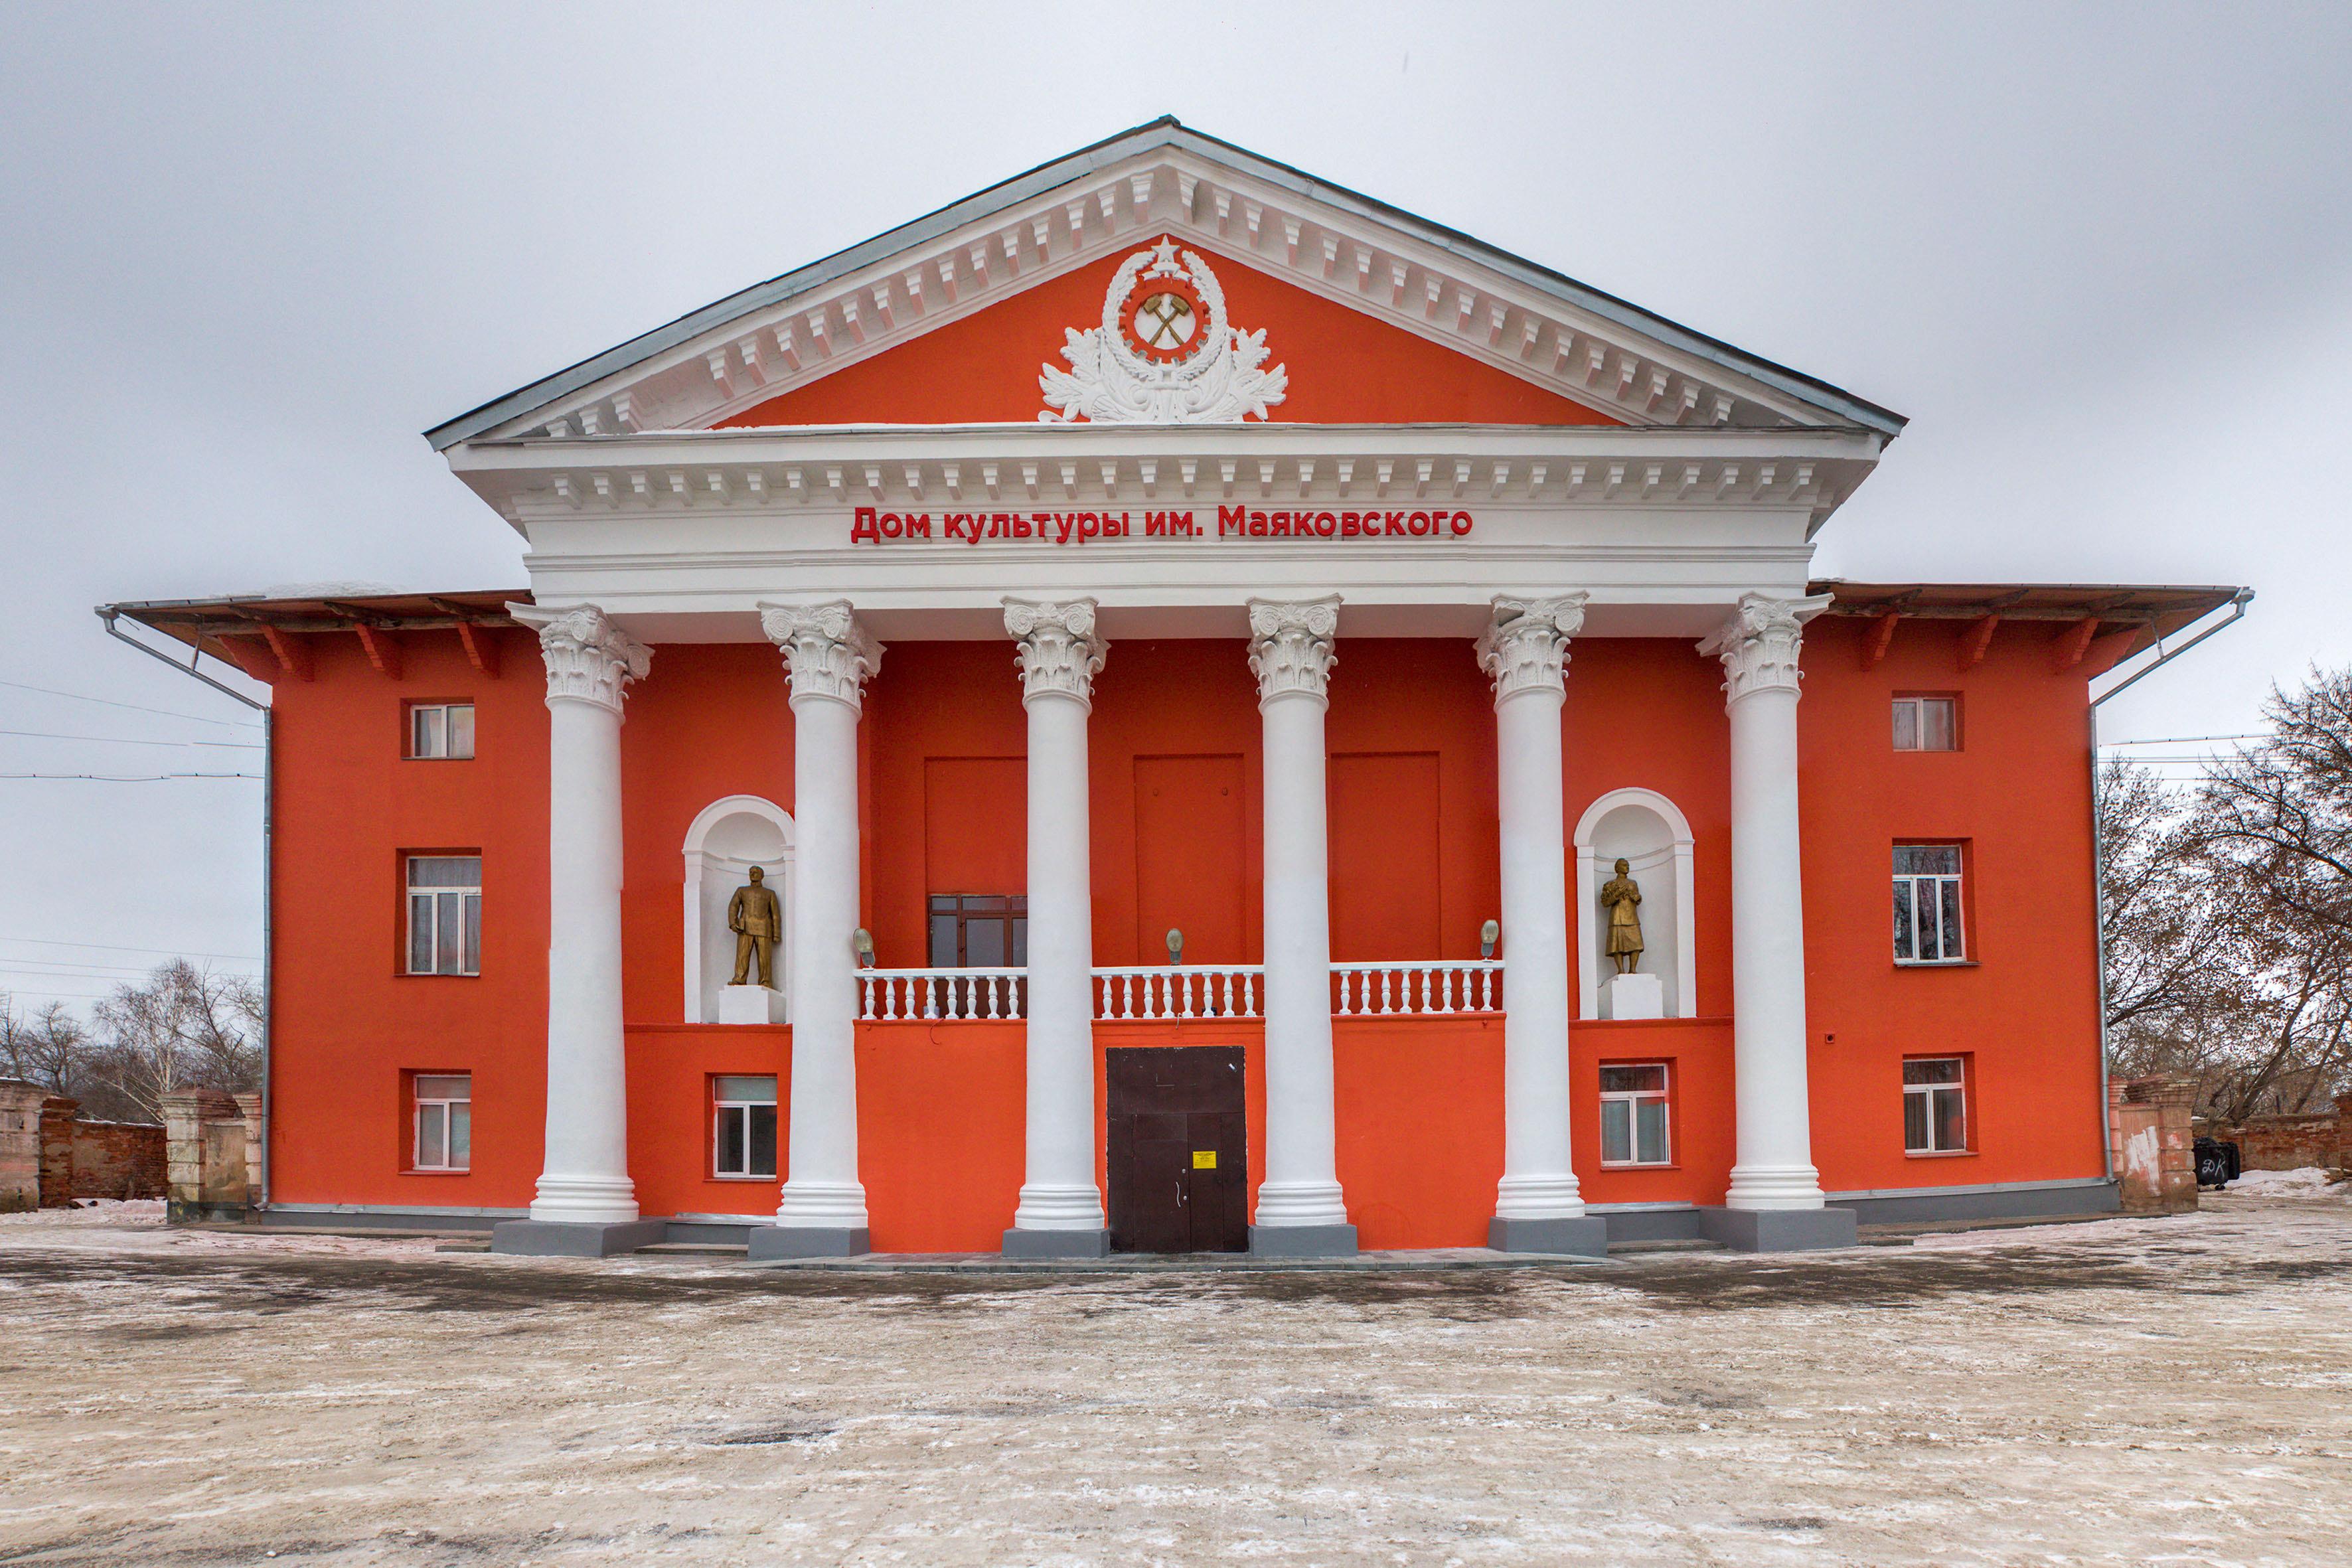 дк маяковского прокопьевск фото существенные